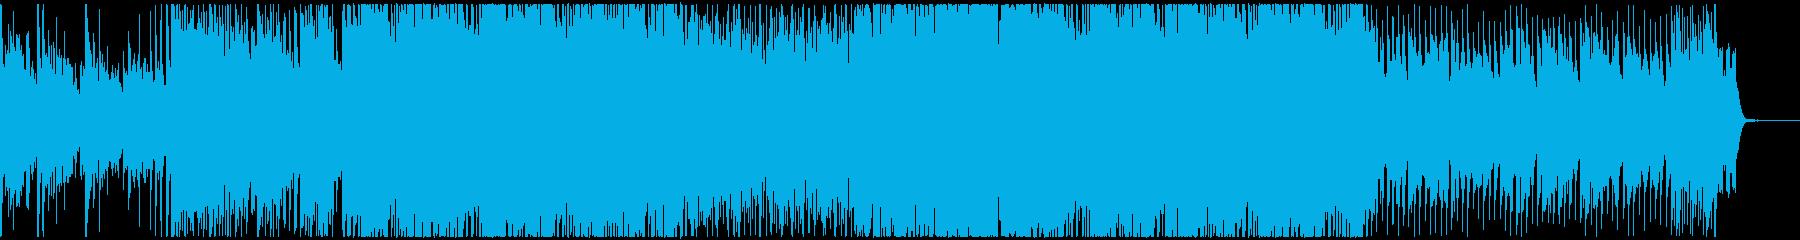 キラキラしたピアノ主の綺麗なポップスの再生済みの波形